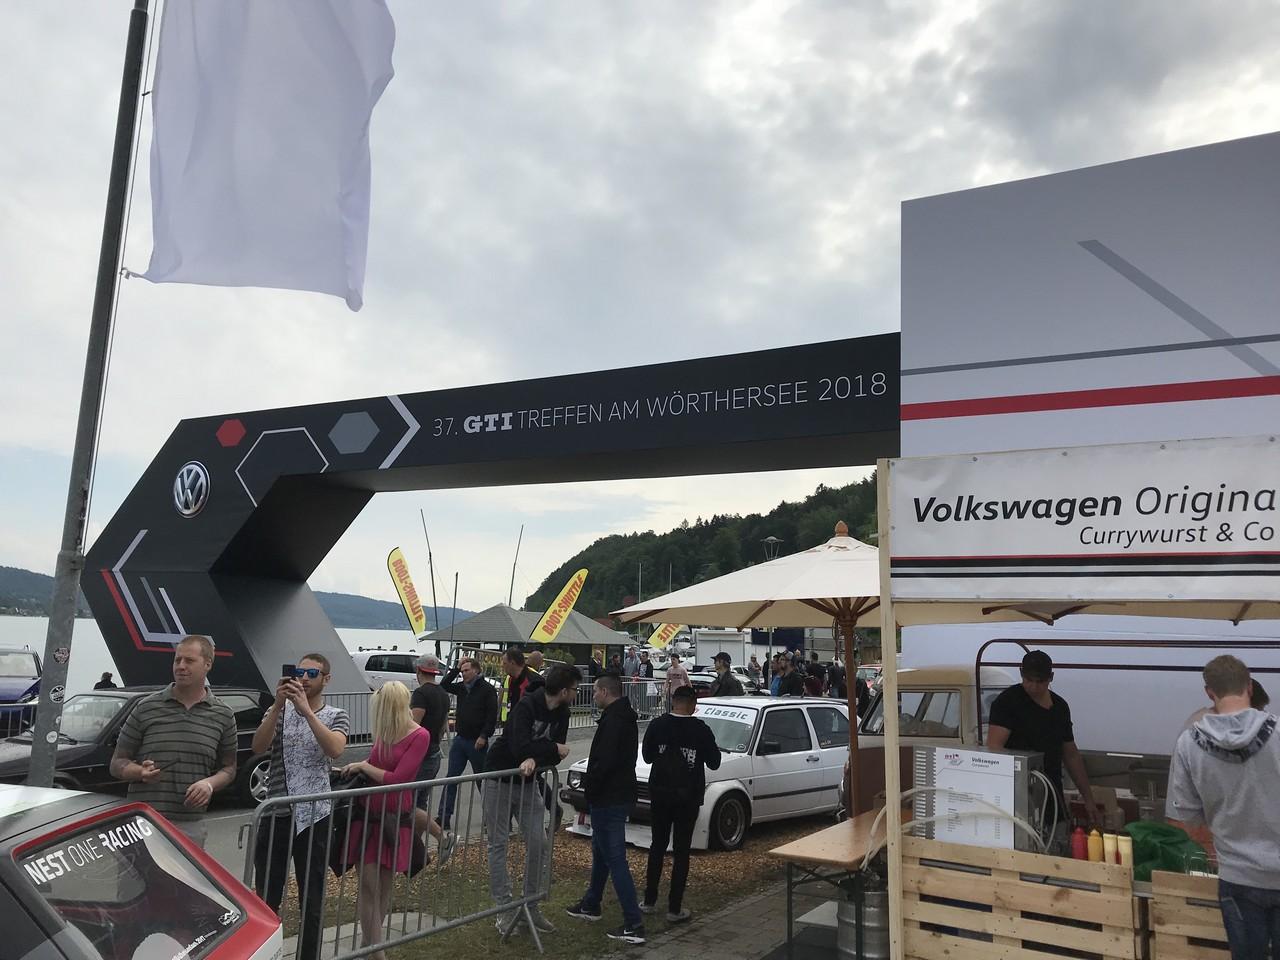 Worthersee - GTI Meeting 2018